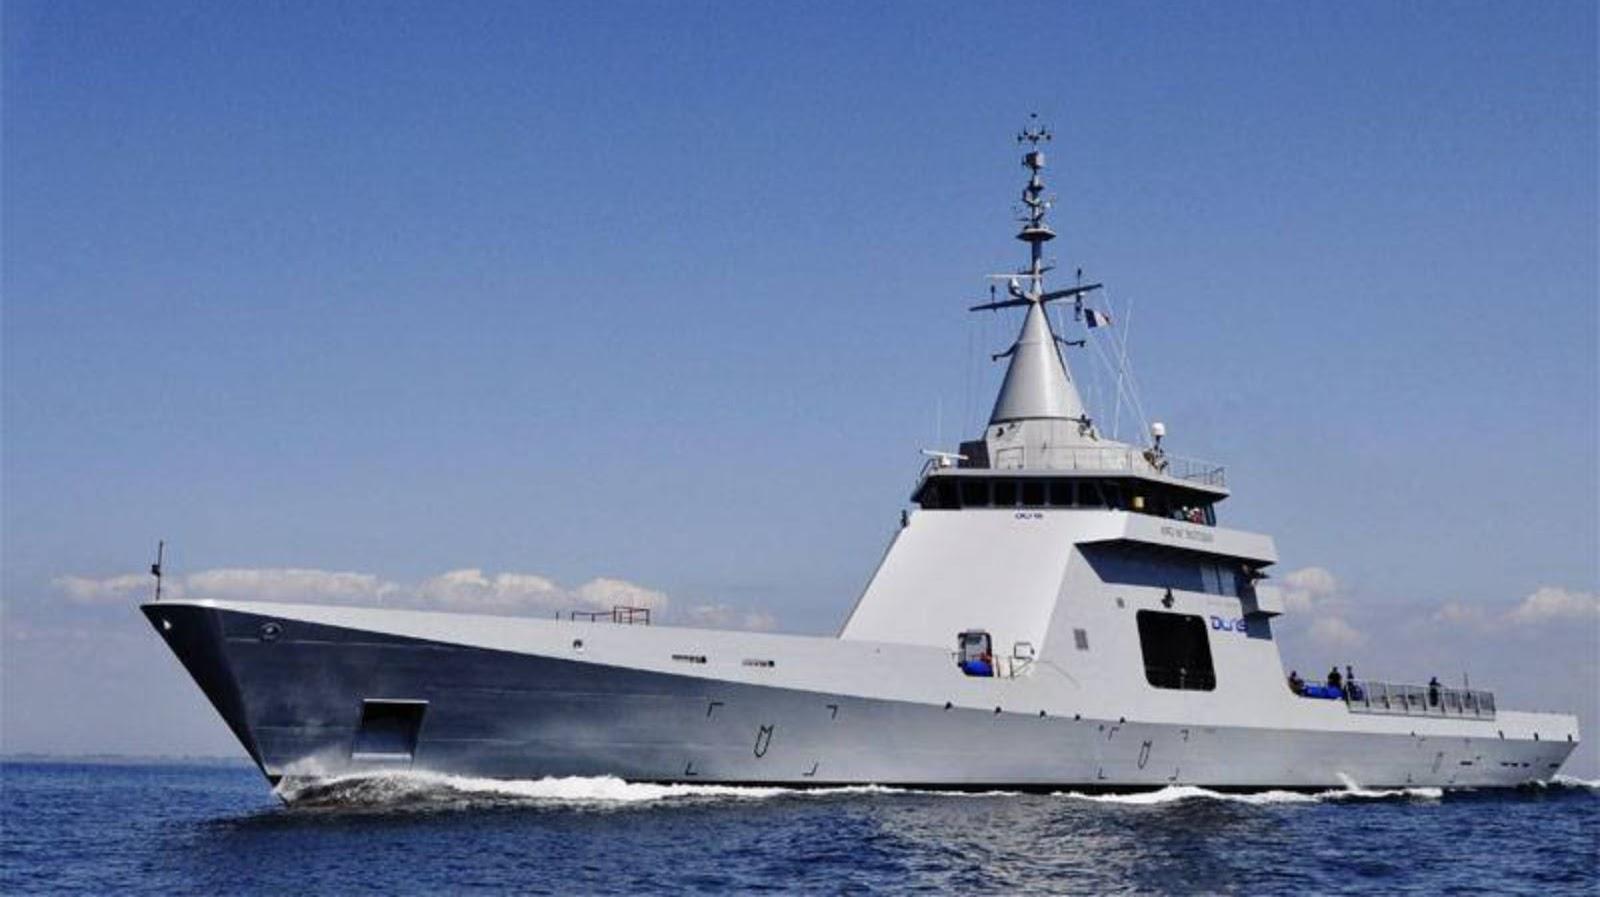 Perancis akan menjual kapal perang ke Azerbaijan